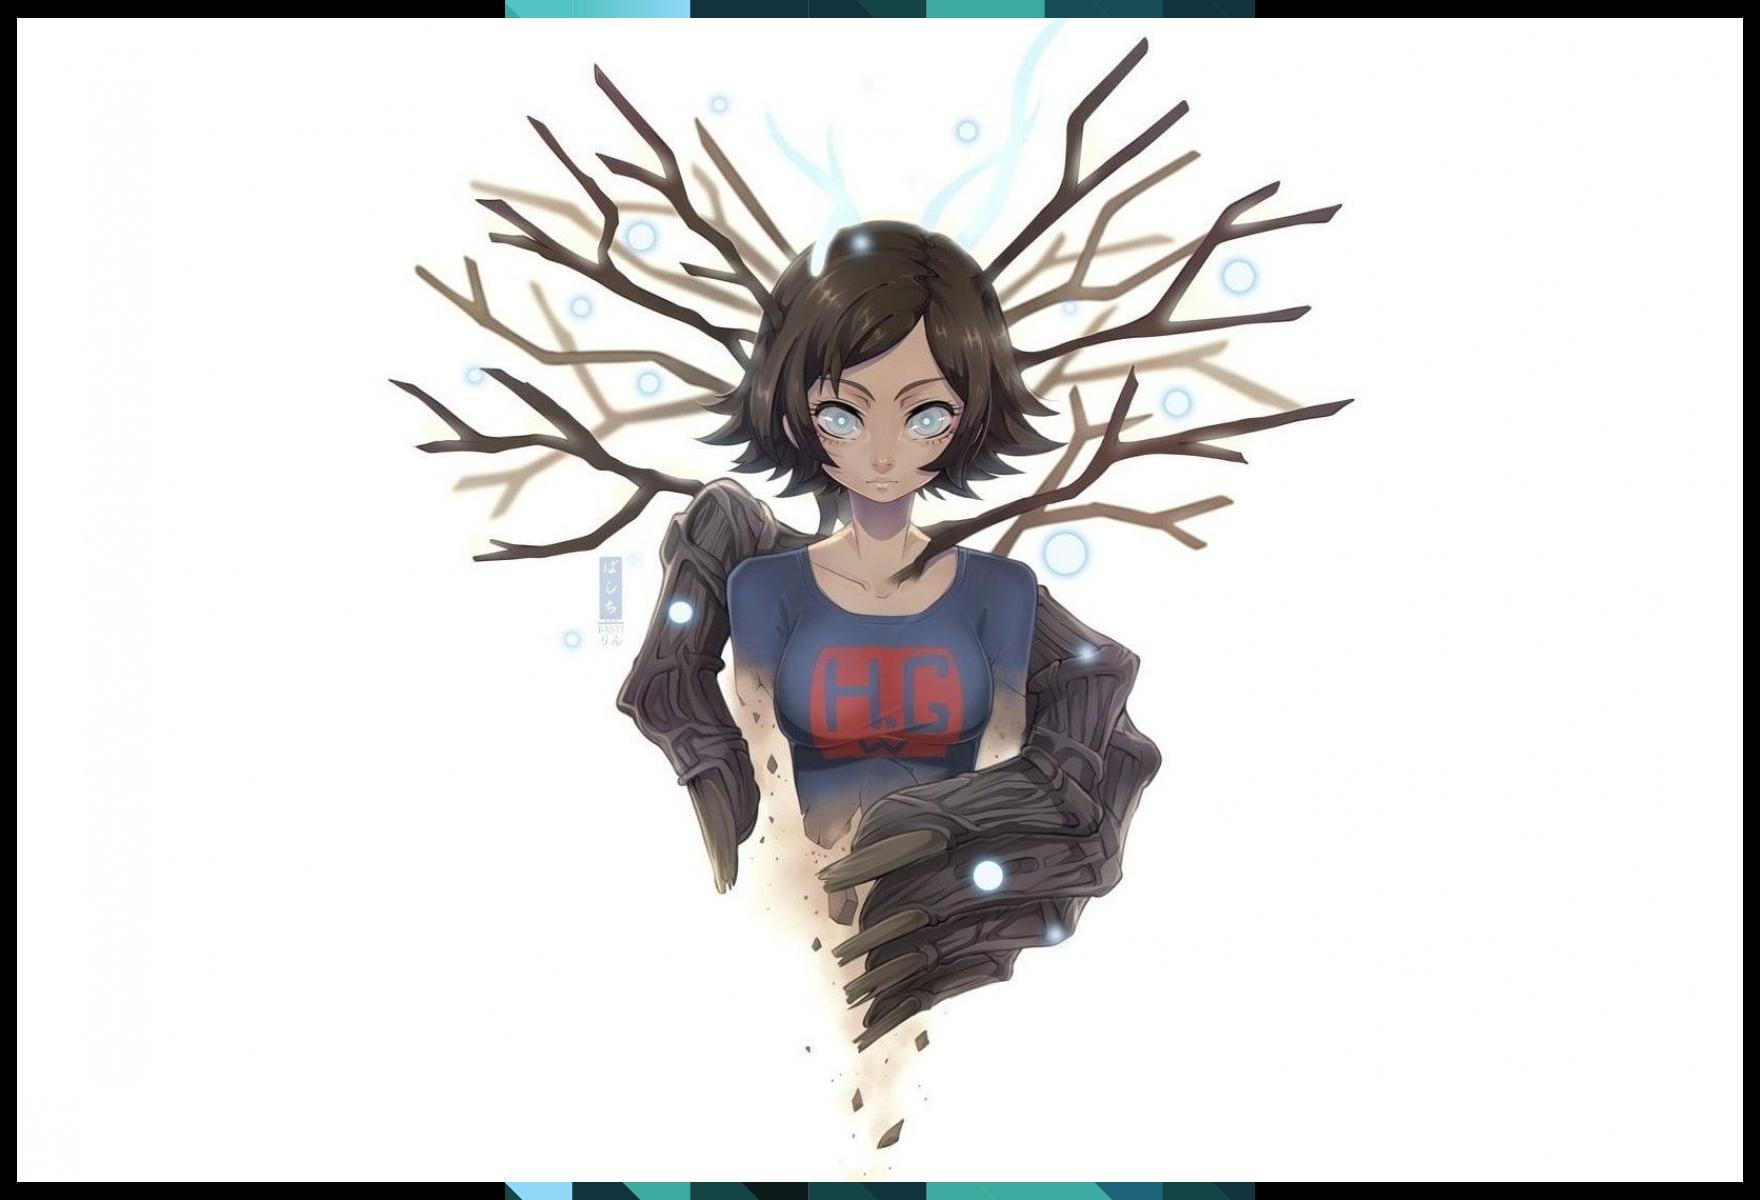 Anime Kokkoku Juri Yukawa 720p Wallpaper Hdwallpaper D Anime Wallpaper Hd Wallpaper